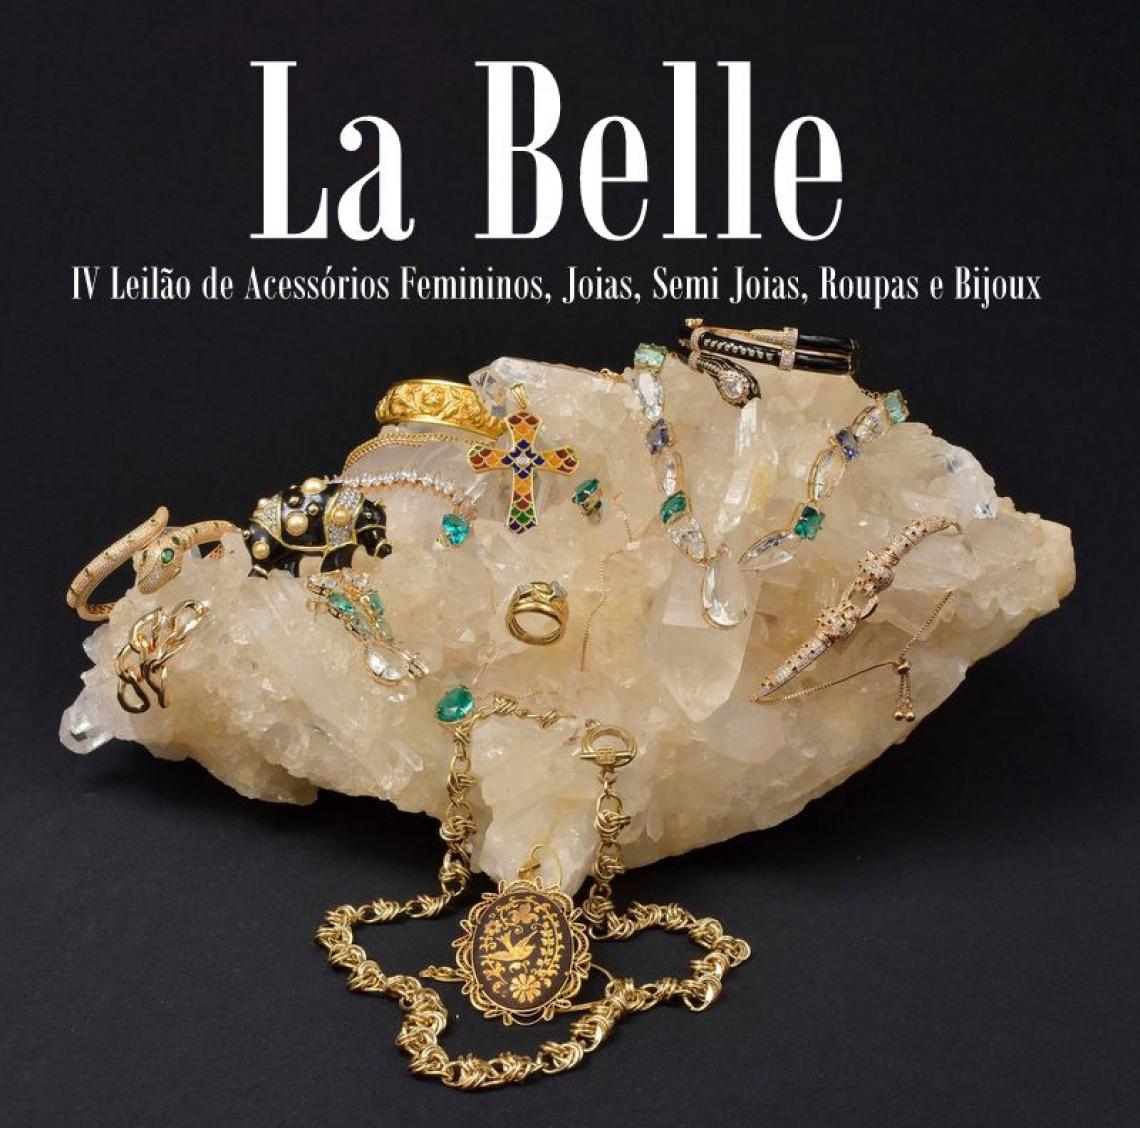 Leilão La Belle - IV Leilão de Acessórios Femininos, Joias, Semi Joias, Roupas e Bijoux